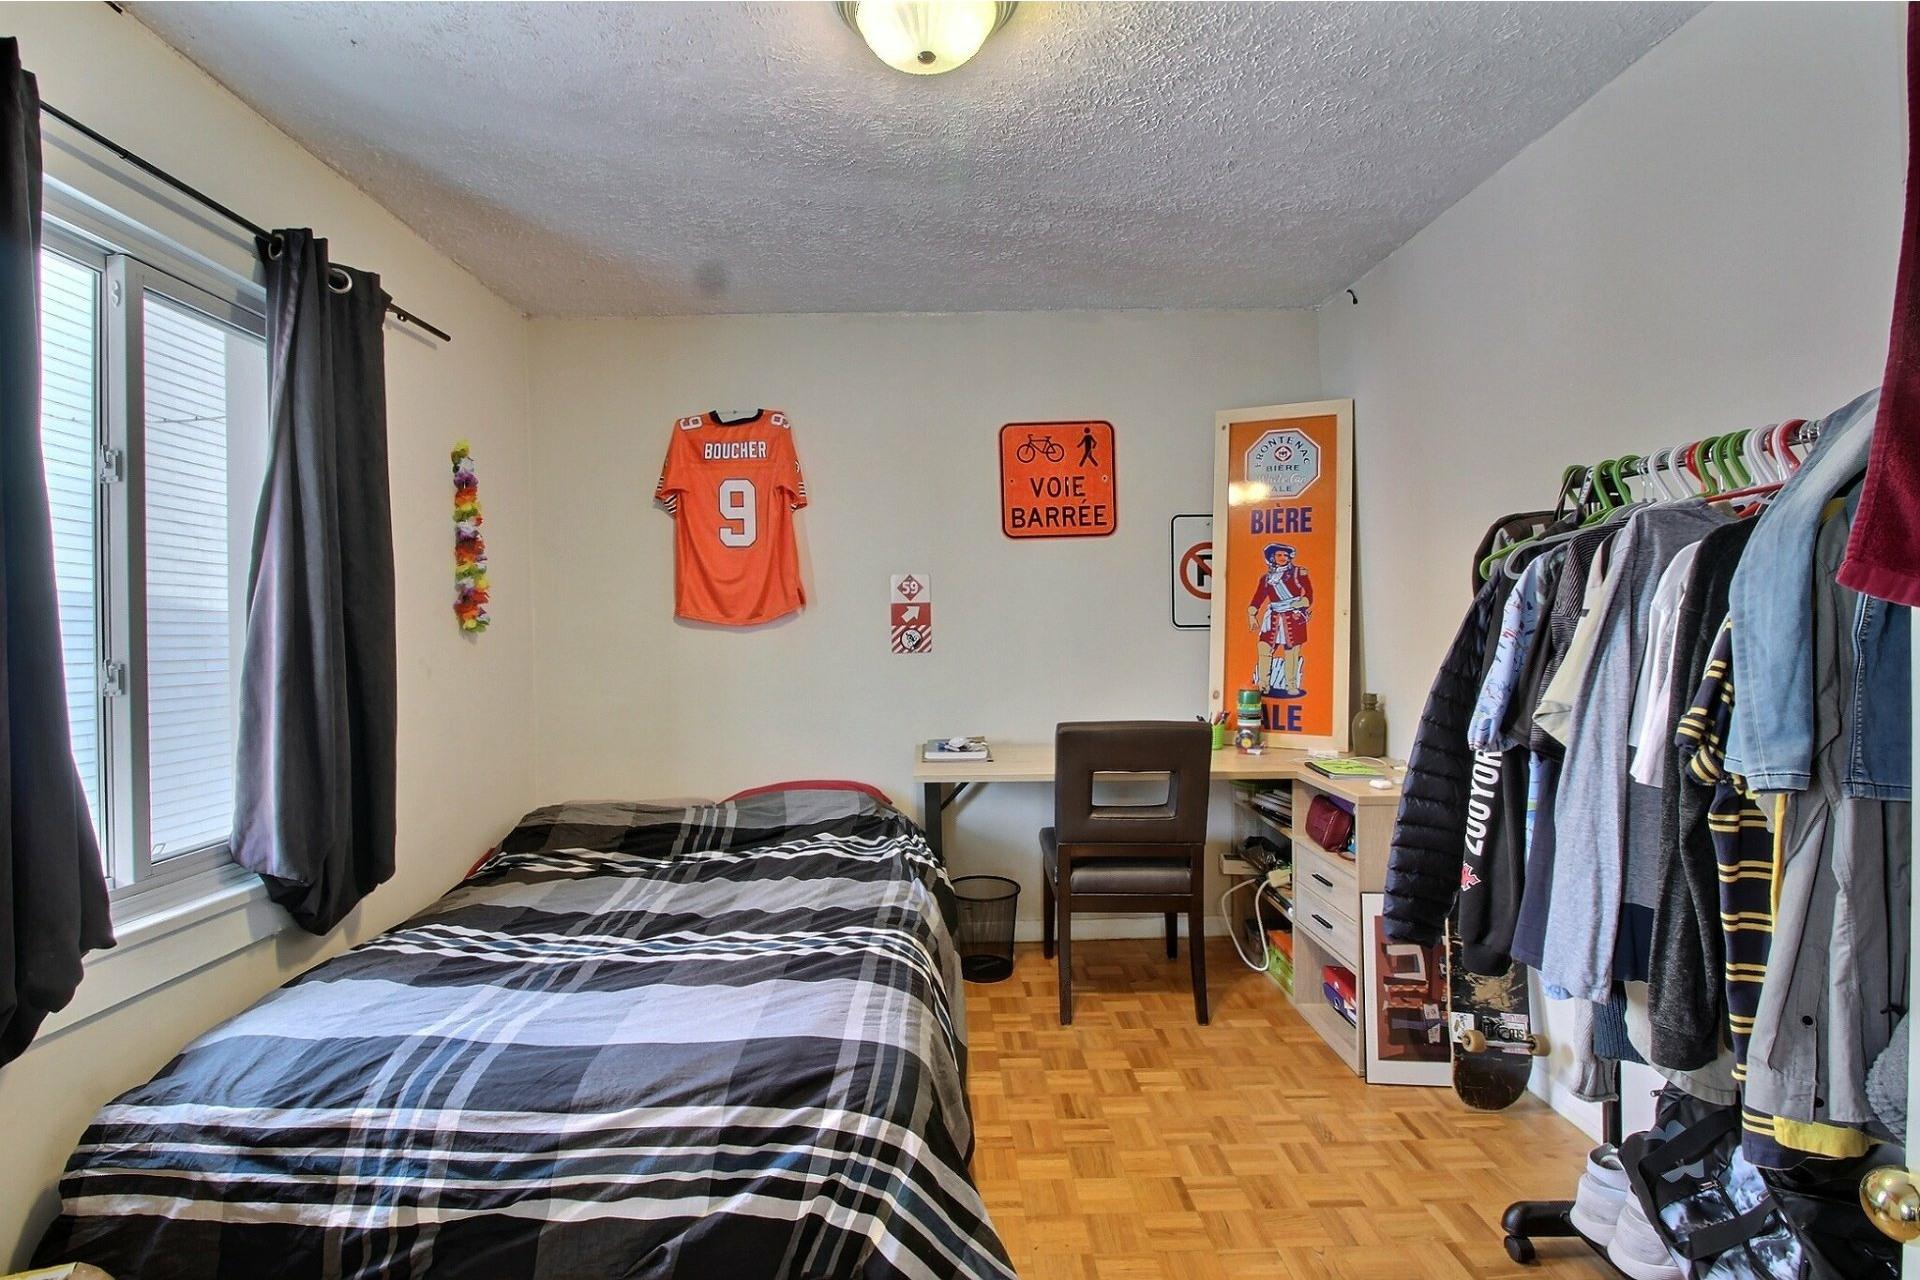 image 22 - Duplex À vendre Fleurimont Sherbrooke  - 4 pièces